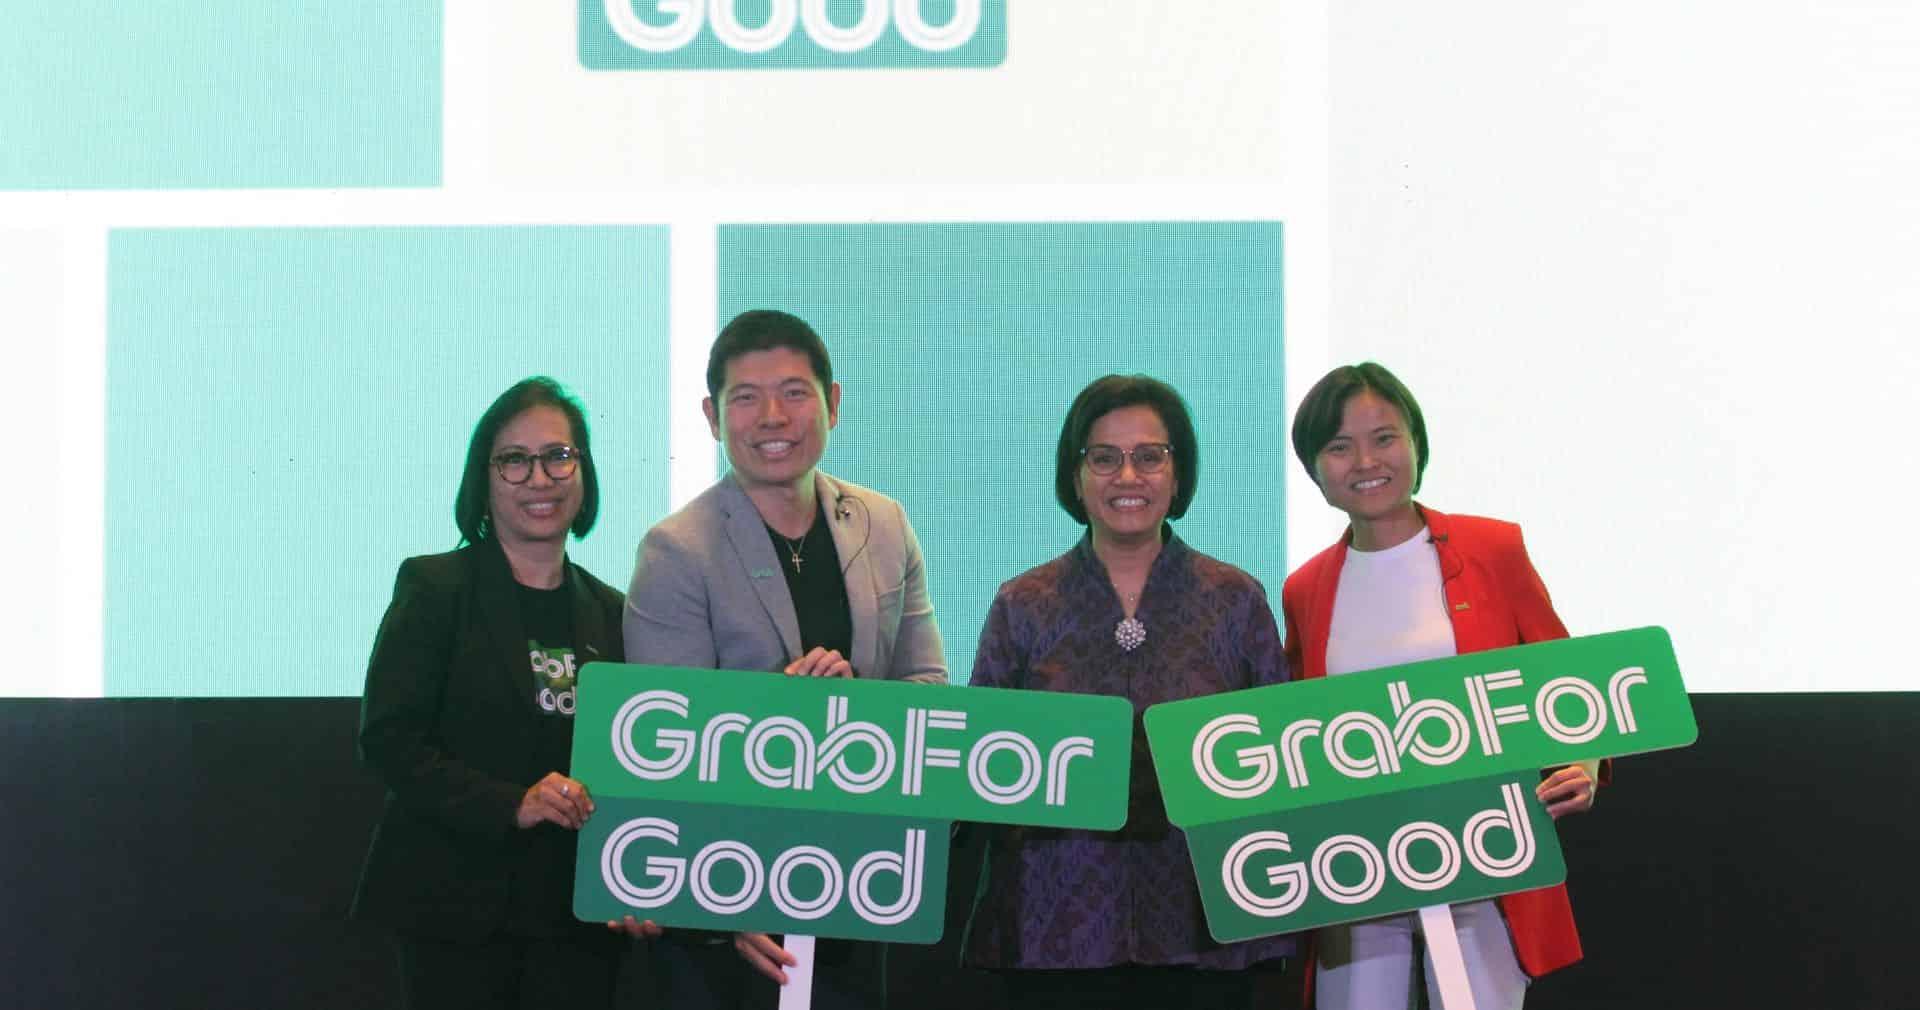 Grab Tetapkan Pemanfaatan Teknologi Untuk Kebaikan Di Asia Tenggara Sebagai Misi 2025 Grab Id